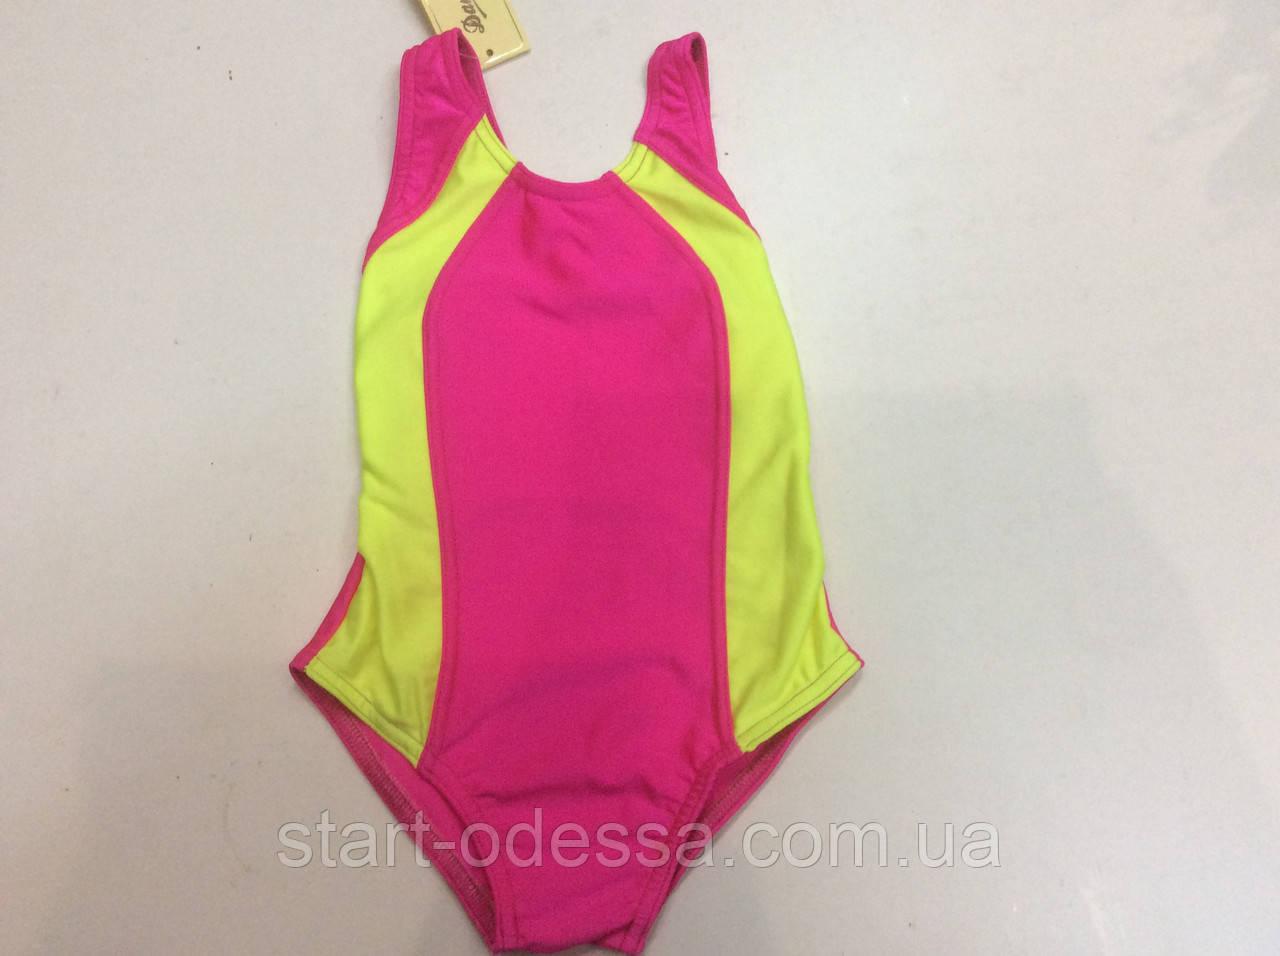 Купальник Спортивный для Плавания Розовый желтиый Р. M — в Категории ... bf2f519715728